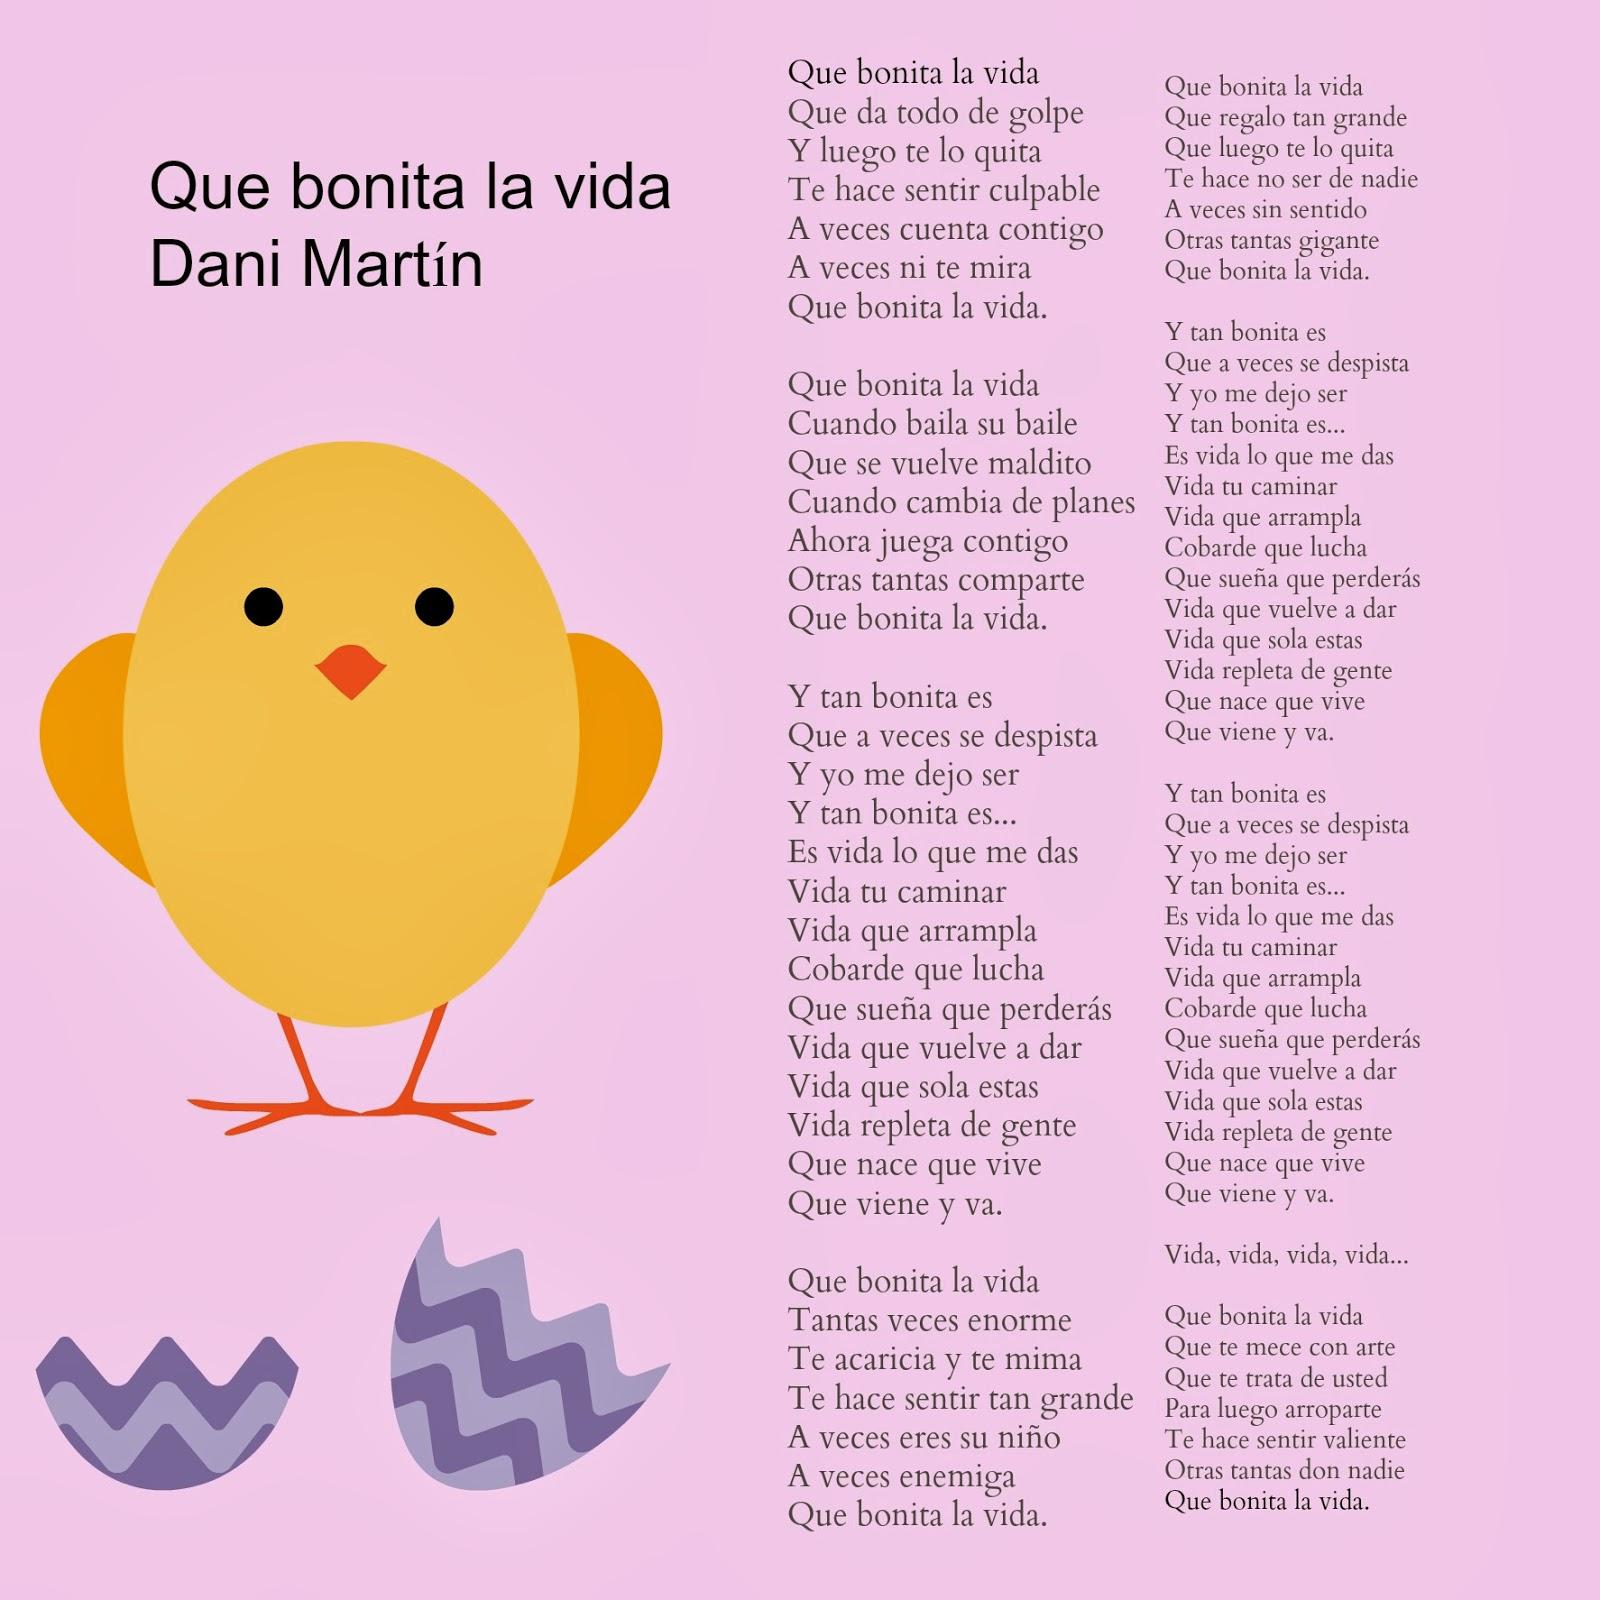 letra de las canciones de diego martin: